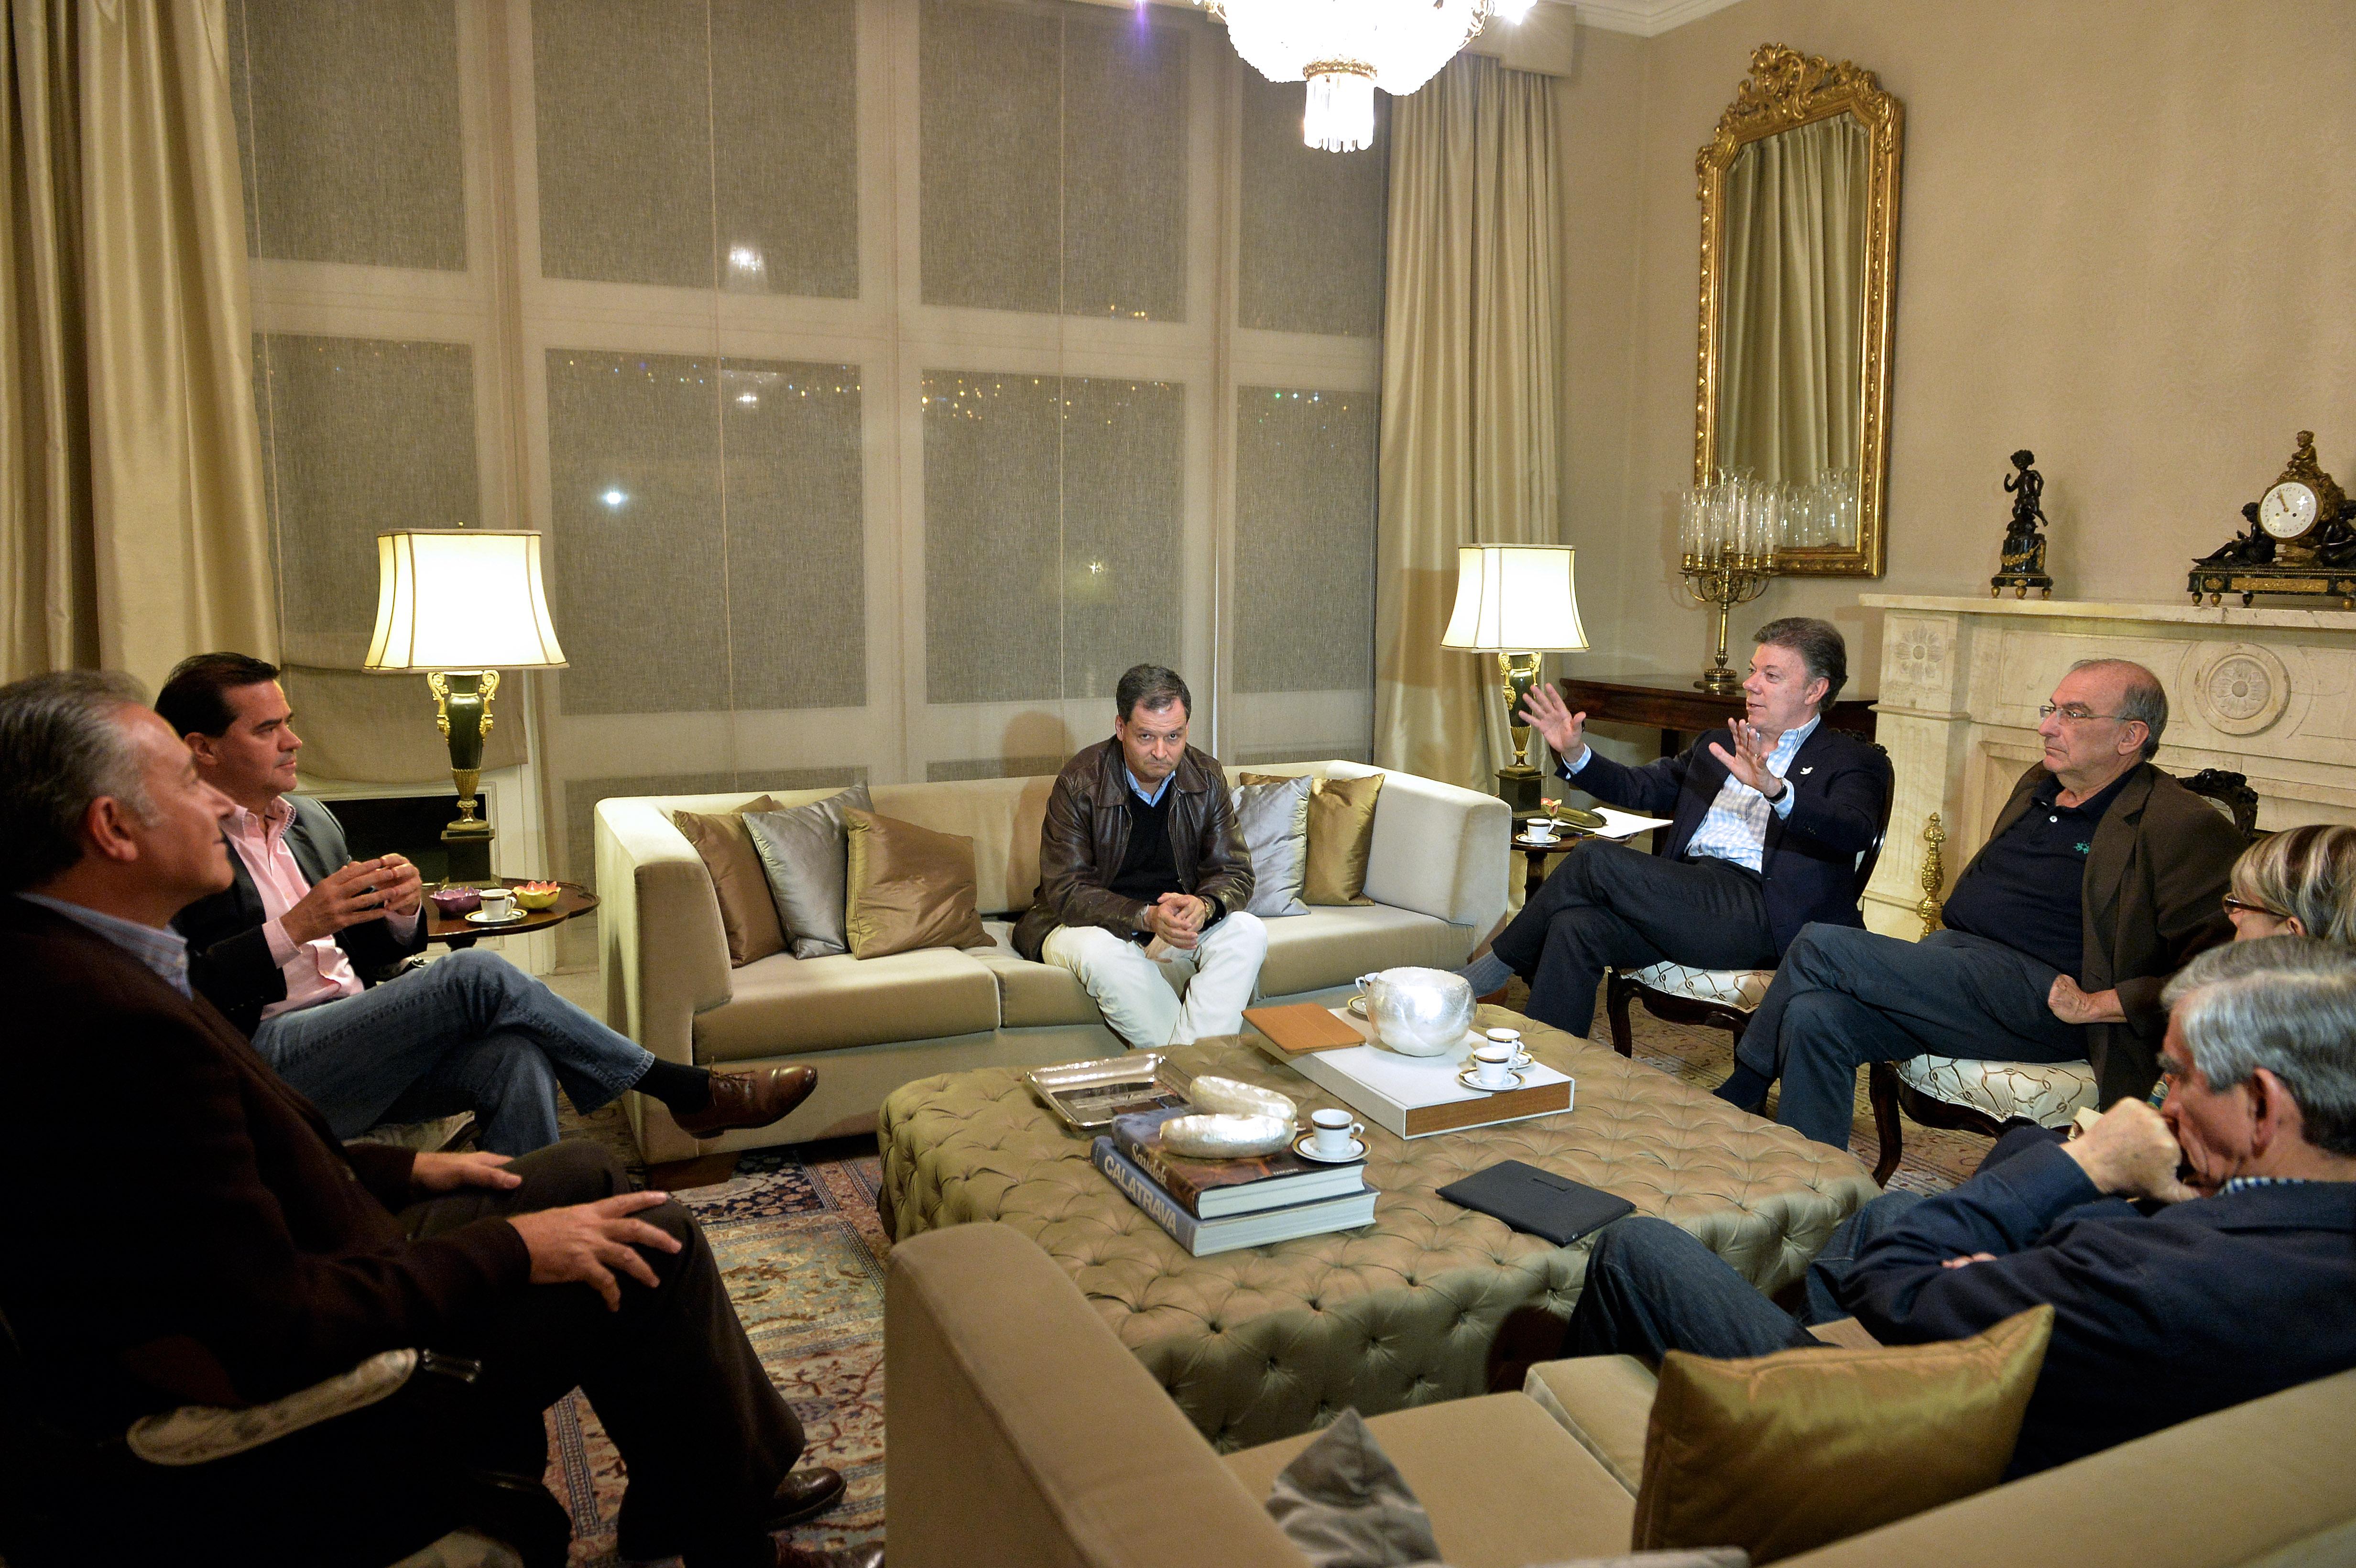 Presidente Reunido con los negociadores de Paz del Gobierno